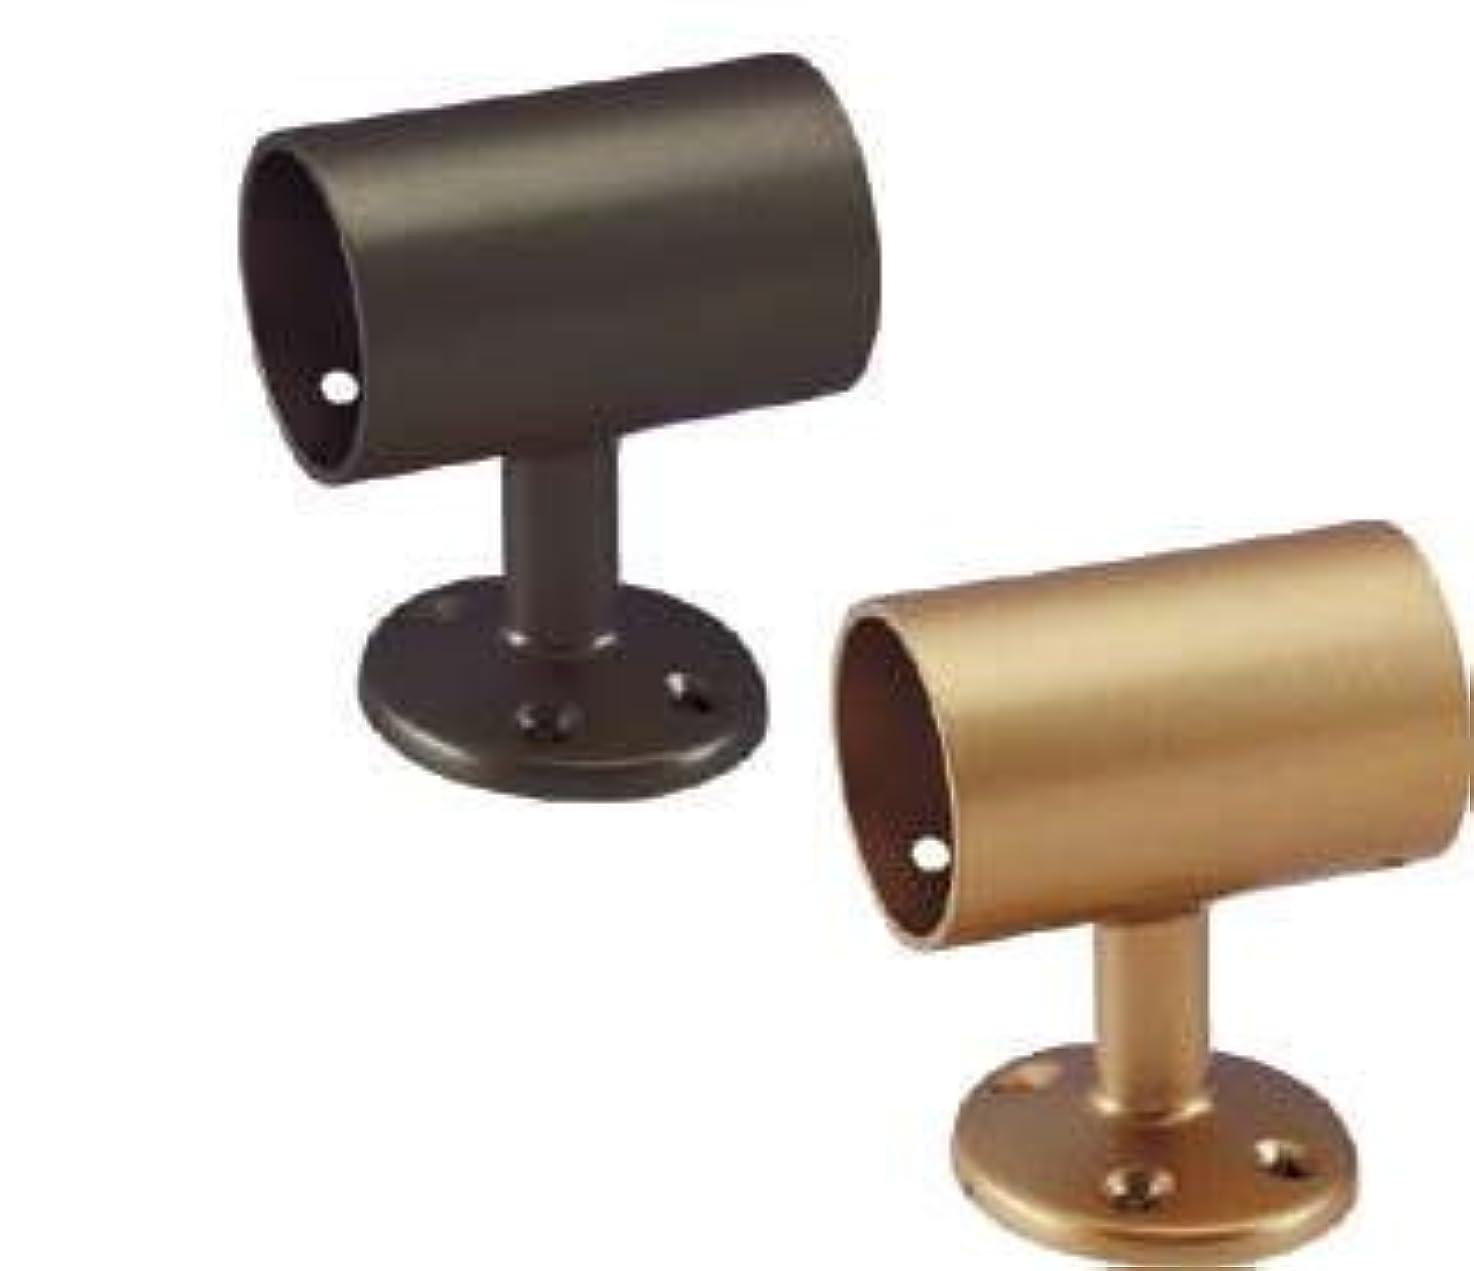 緯度買うパークBAUHAUSカラー 32セレクトシリーズ 32mm手すり用 通しブラケット縦型 ブラウン(04010-13354)